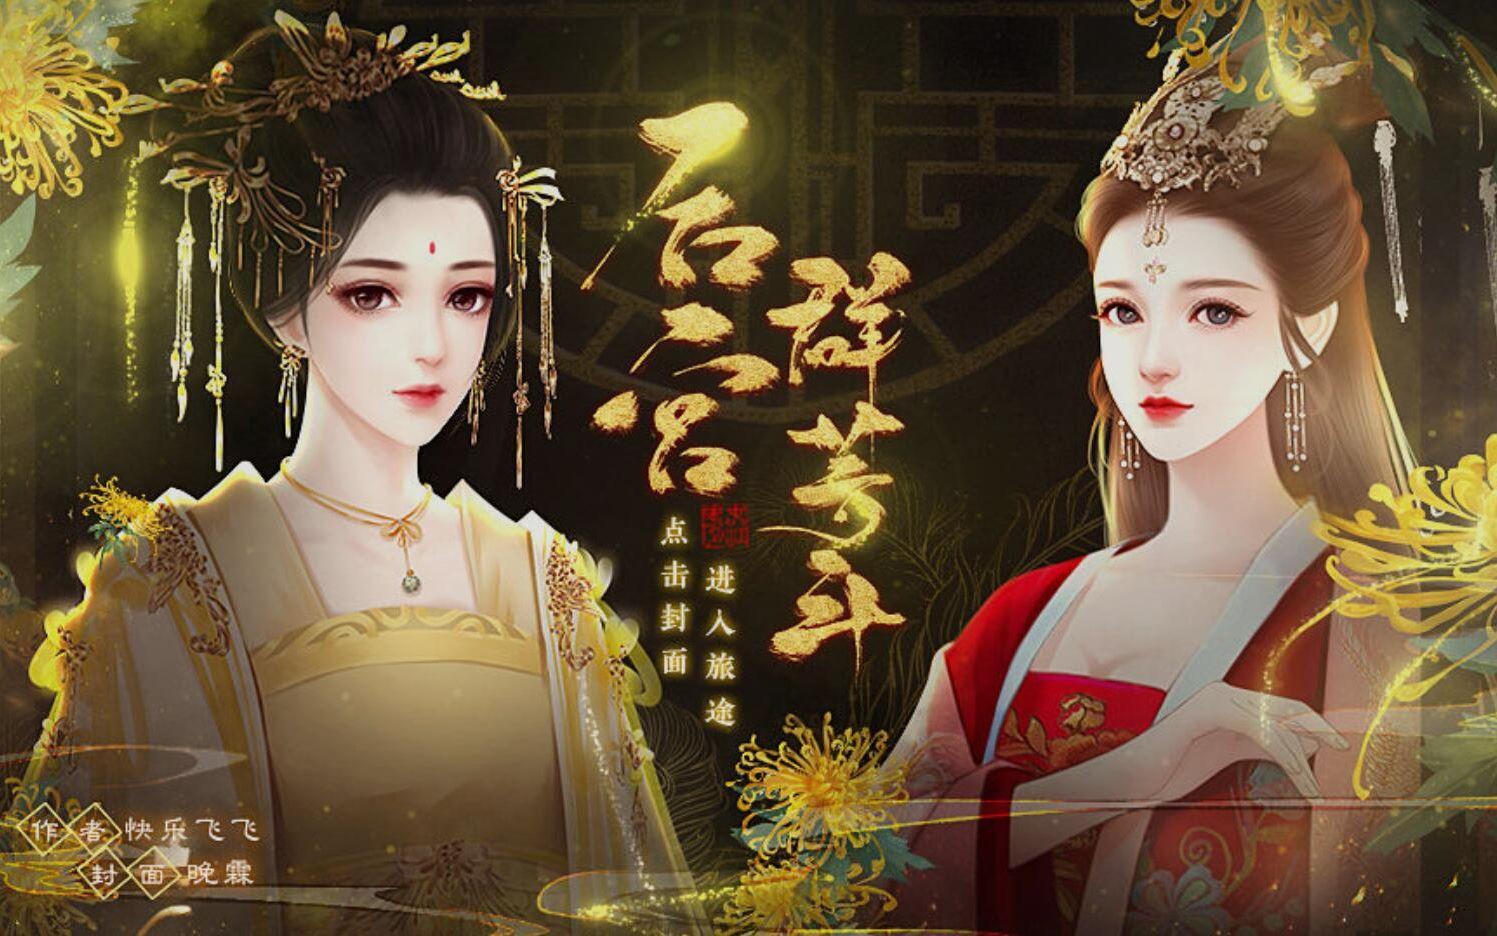 【梓儒】后宫群芳斗——皇上喜欢白莲花?小绿茶?我全都有!(已完结)